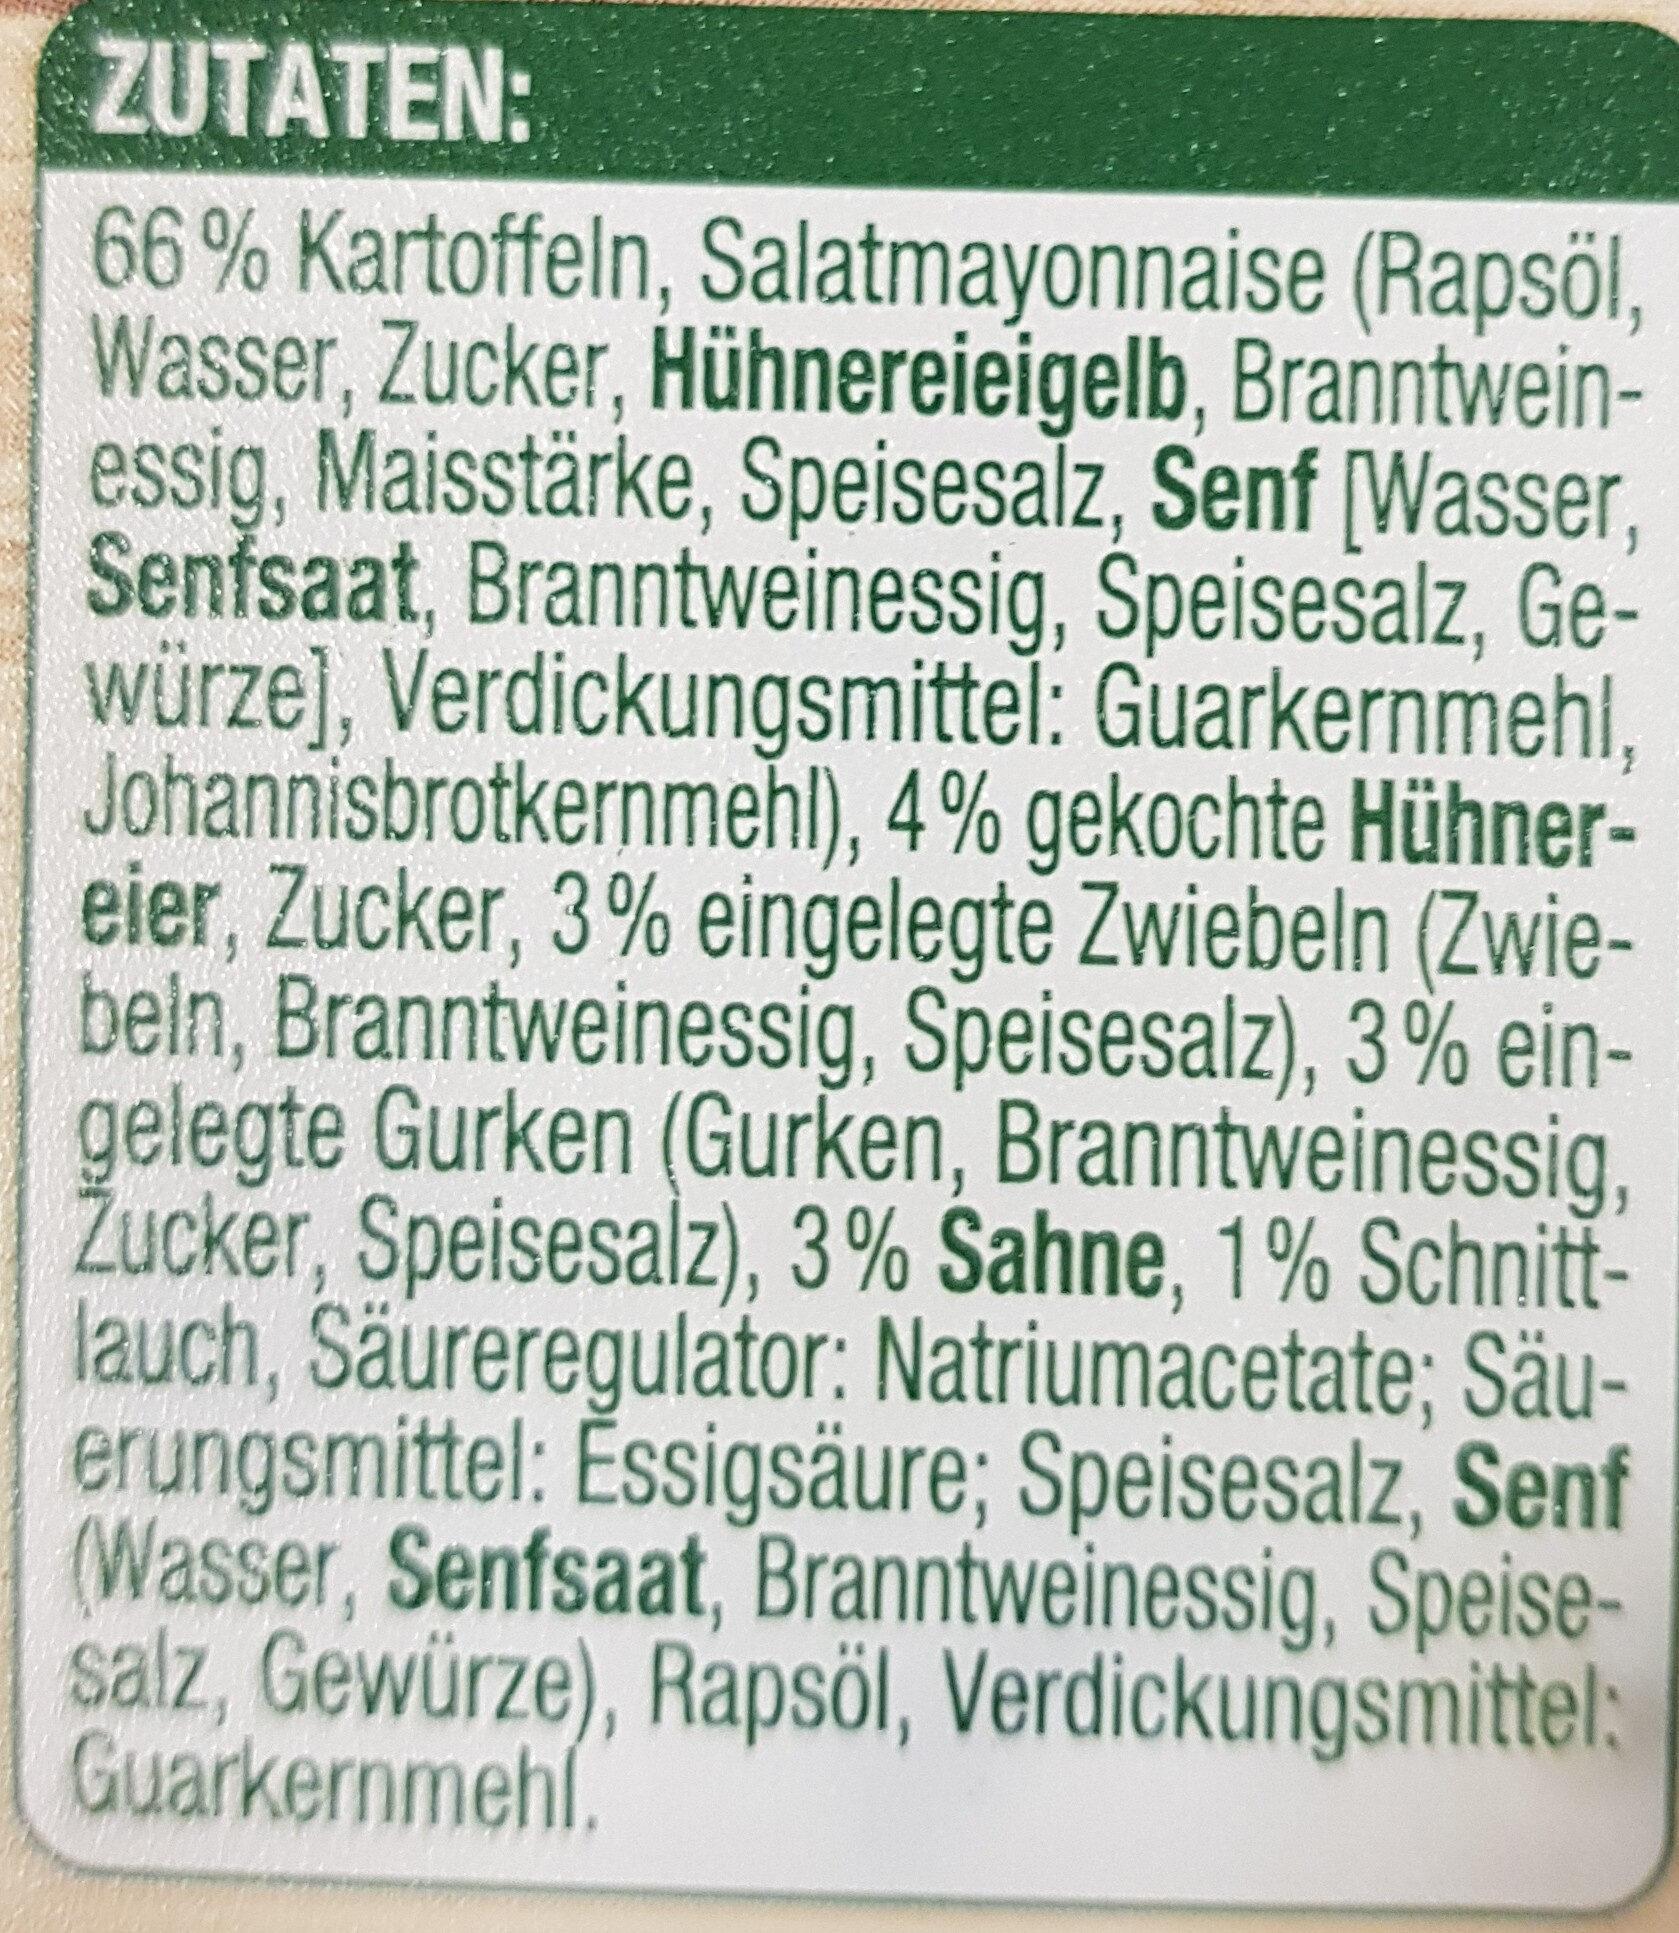 Kartoffelsalat - Zutaten - de